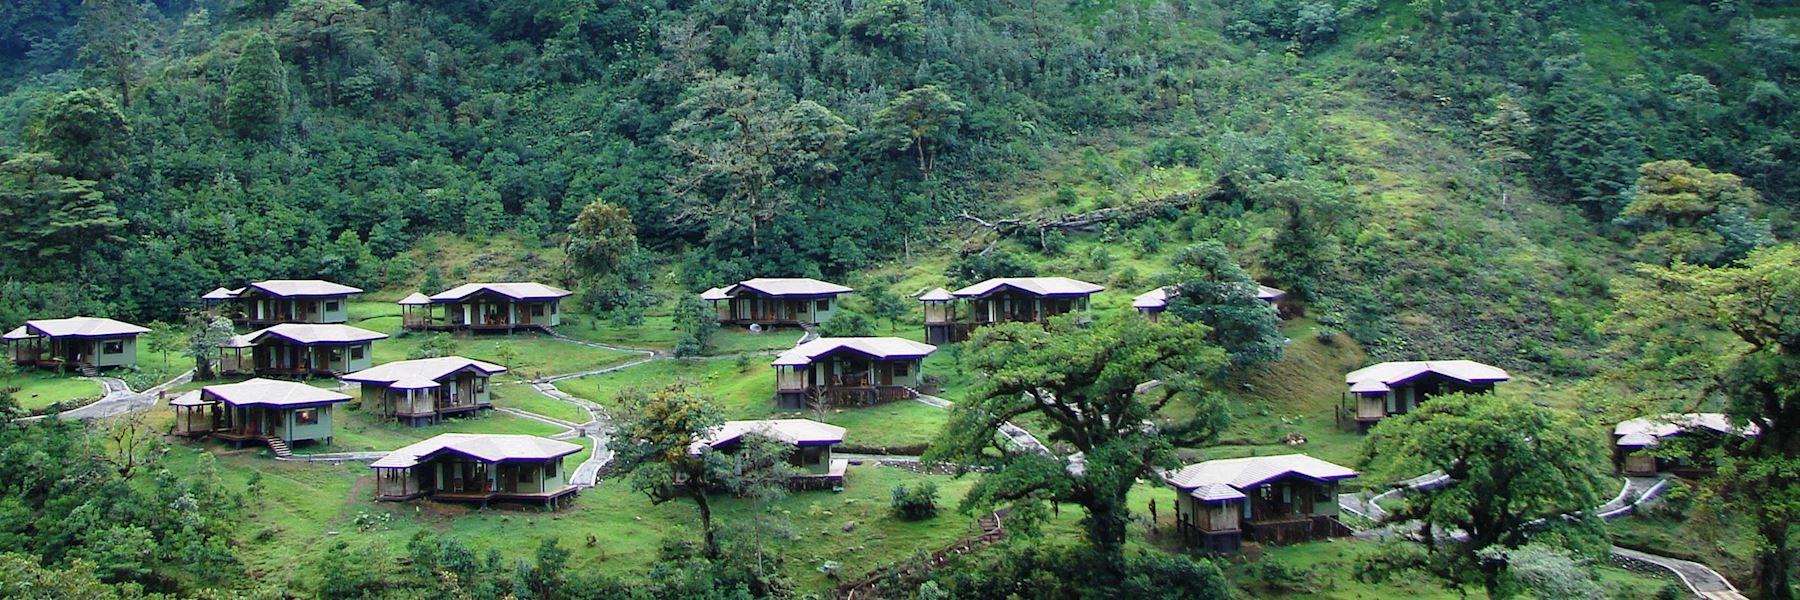 Visit El Silencio Lodge, Costa Rica